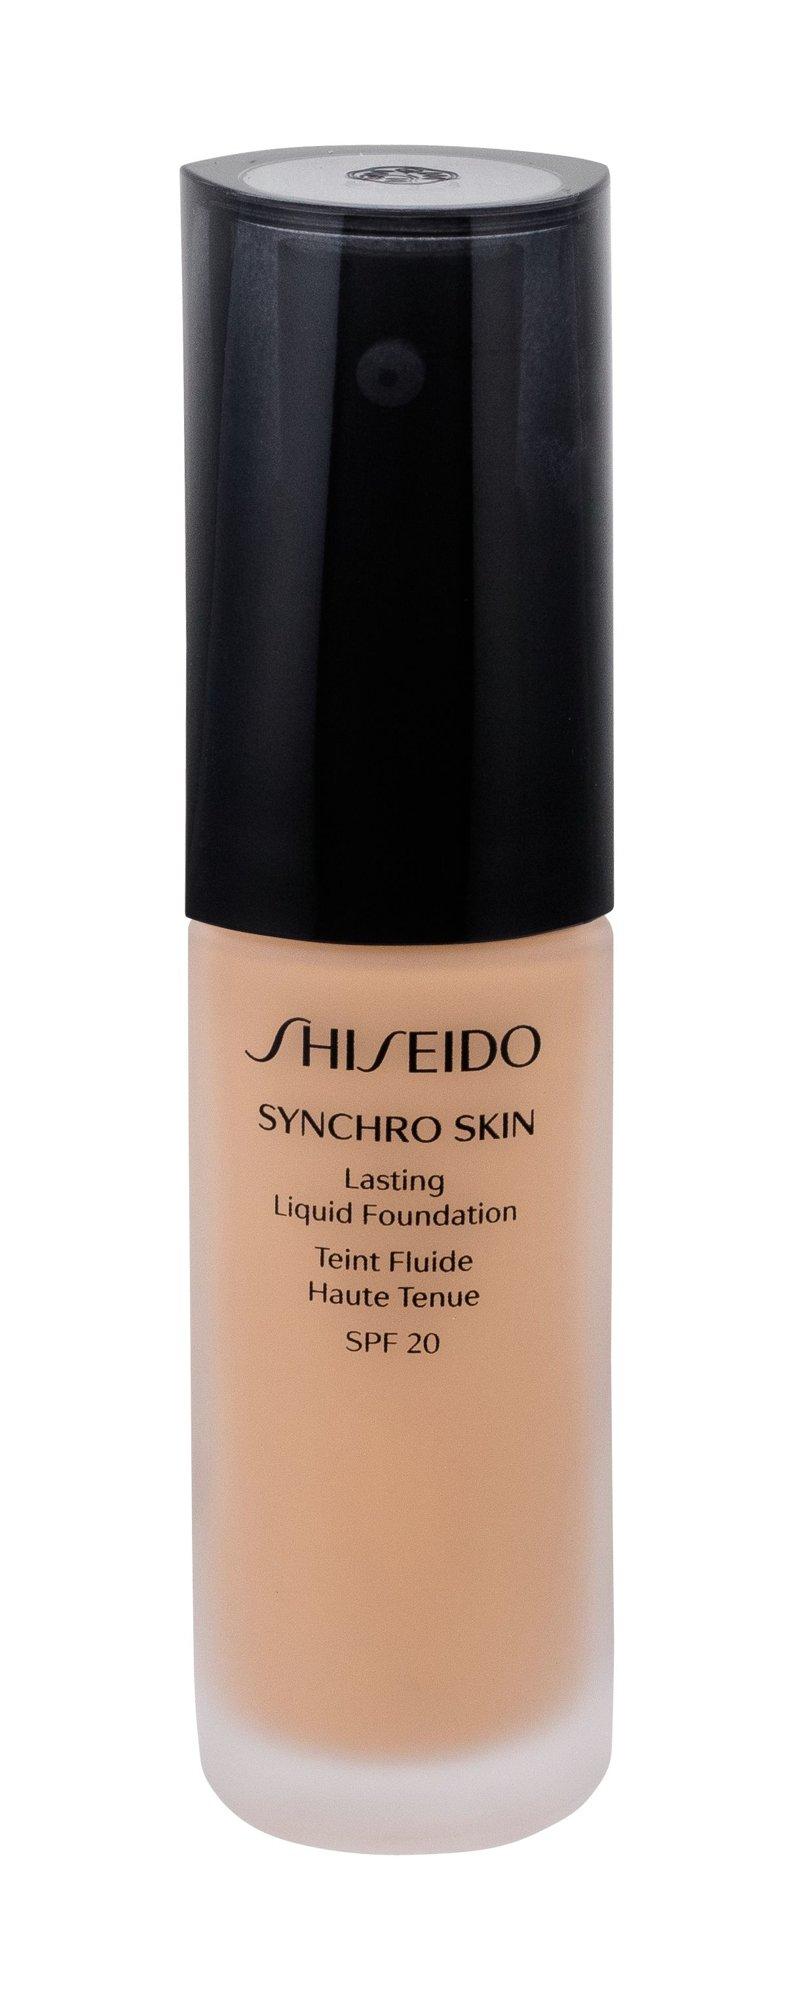 Shiseido Synchro Skin Makeup 30ml Neutral 4